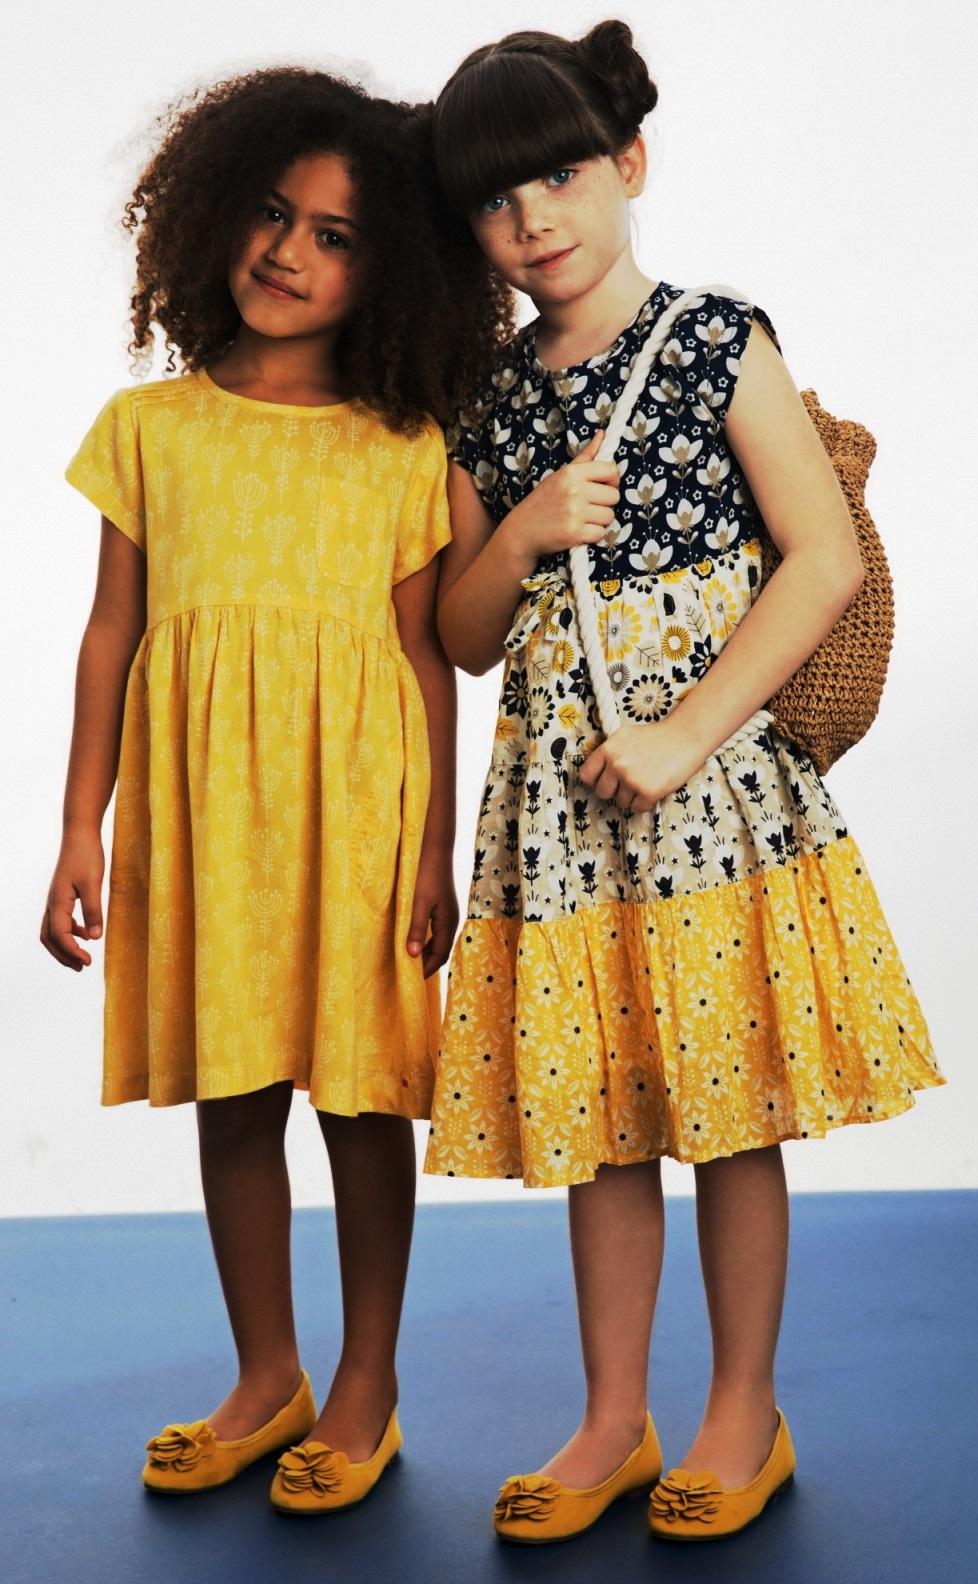 הילדים של קסטרו. צילום שי יחזקאל